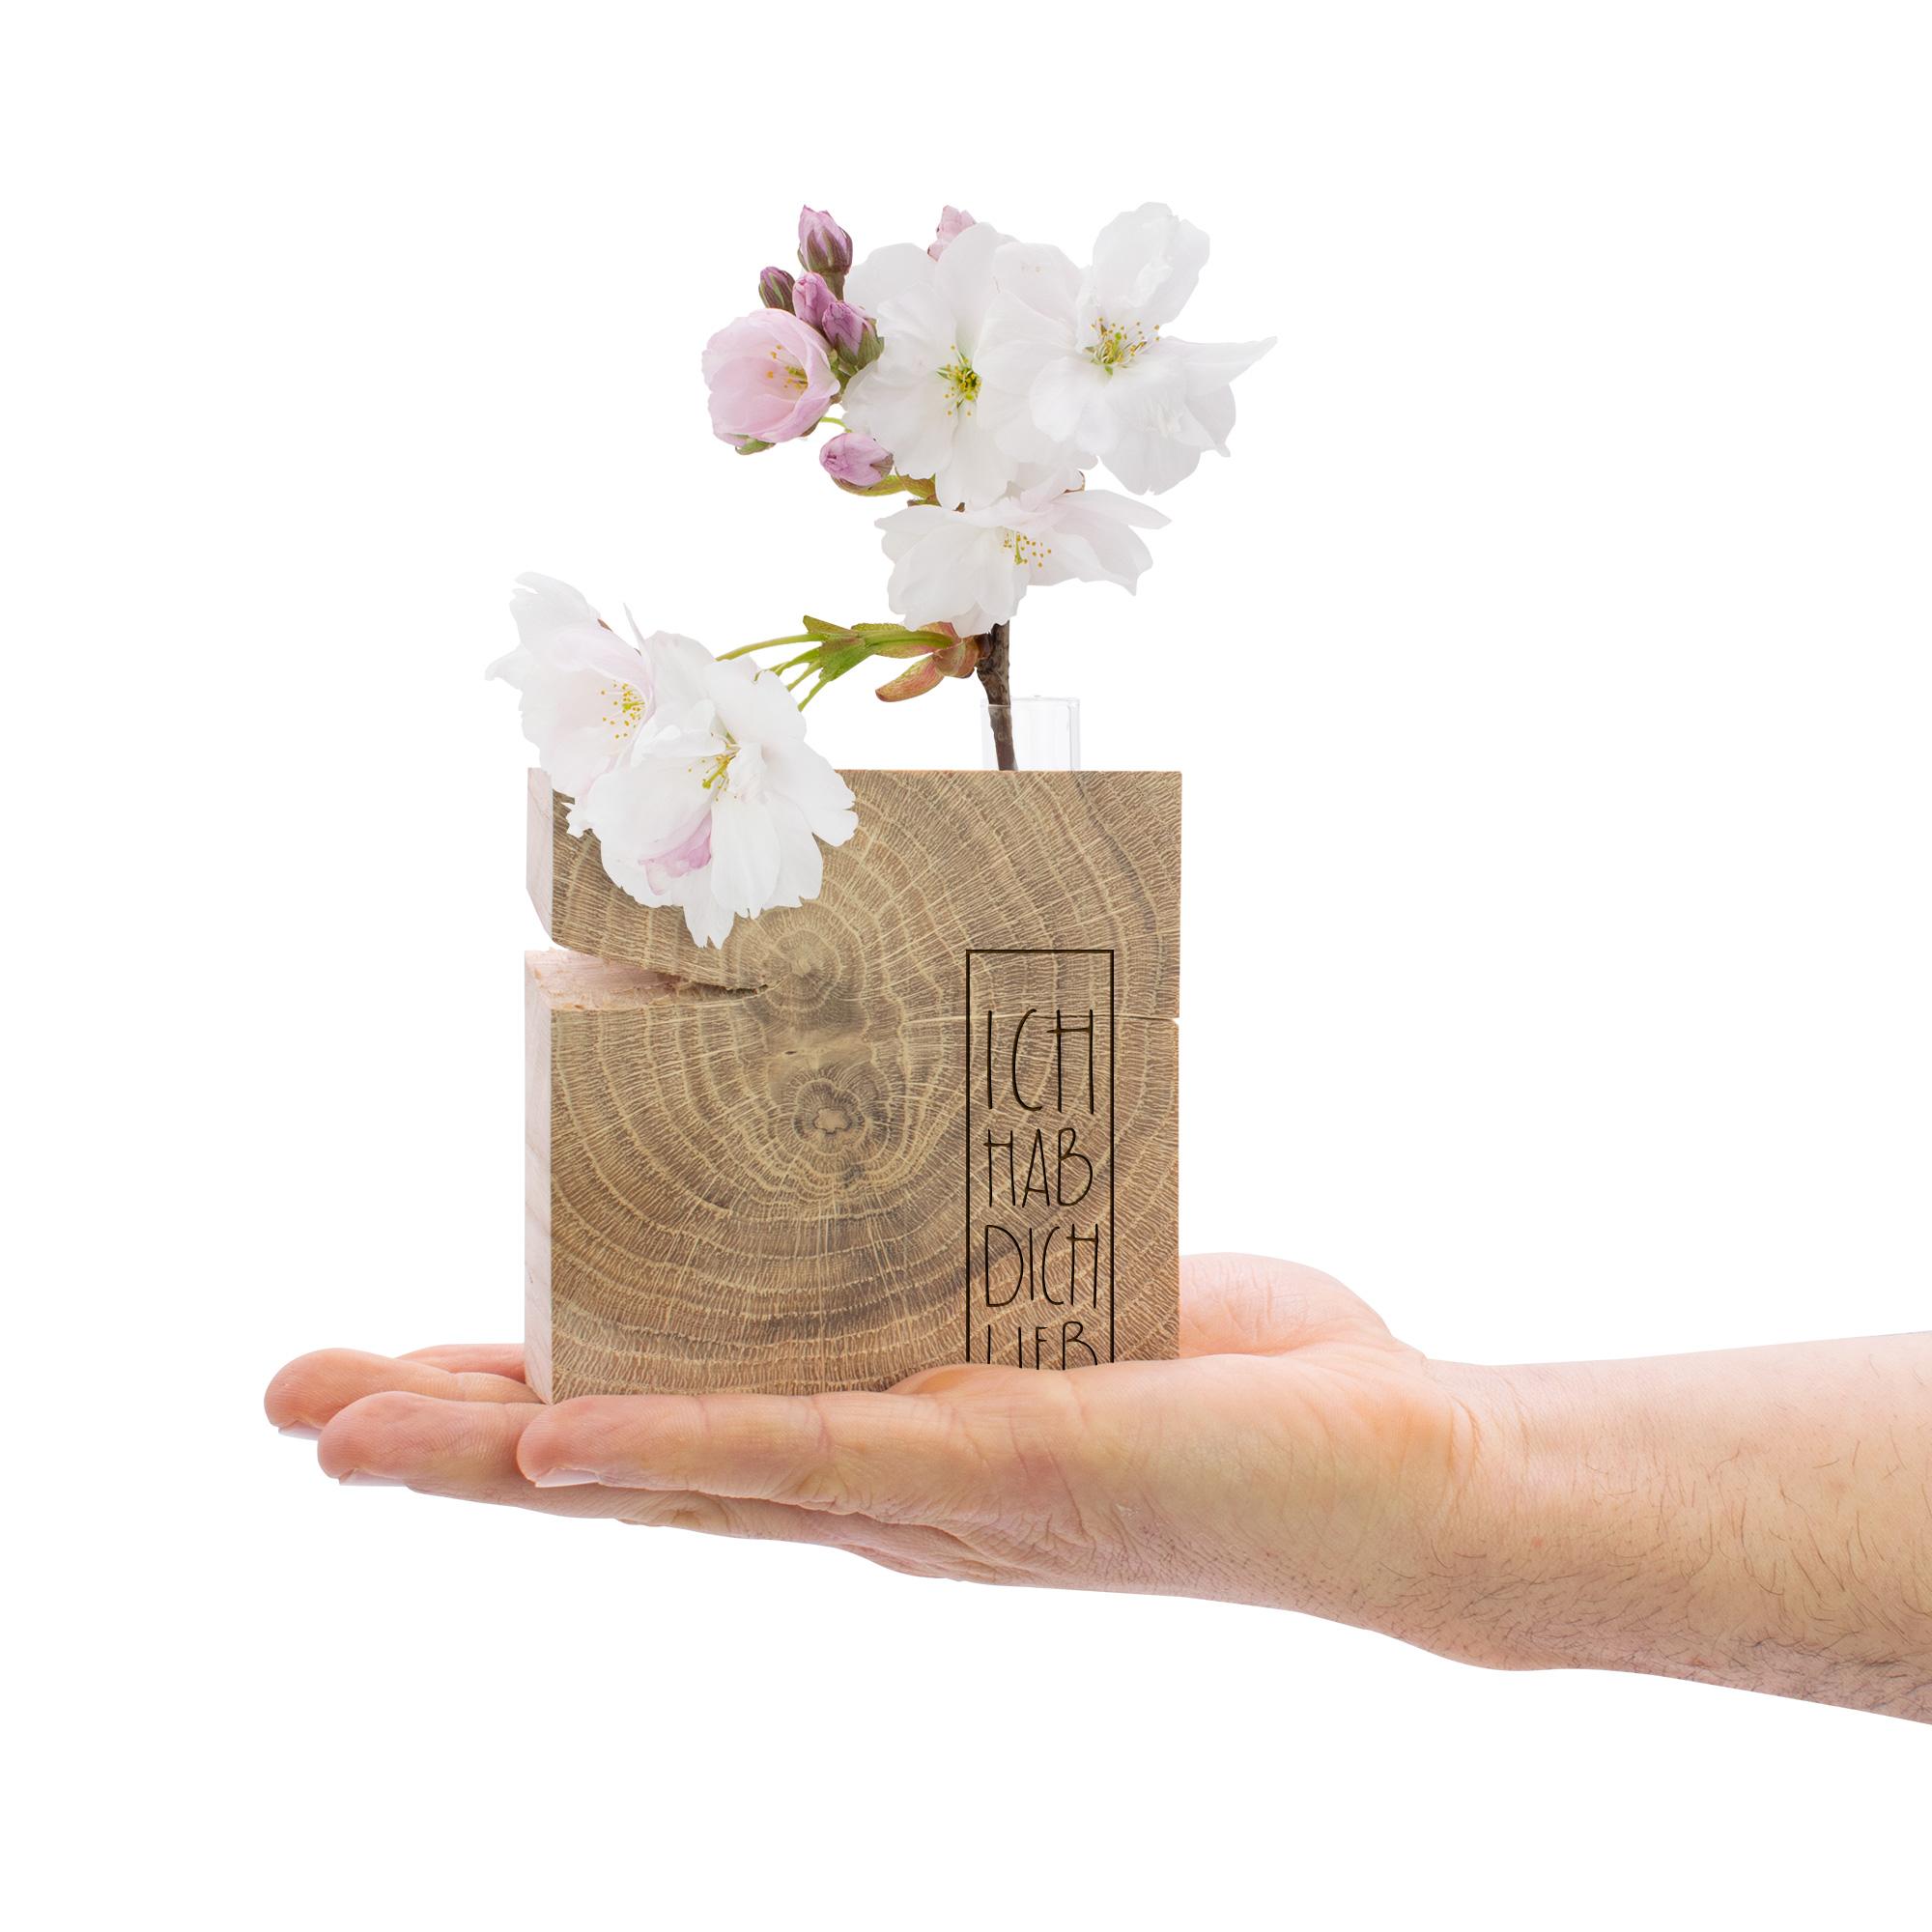 """dekorativer Holzquader aus Eiche mit Schriftzug """"Ich hab dich lieb"""" graviert und kleiner Vase eingelassen"""